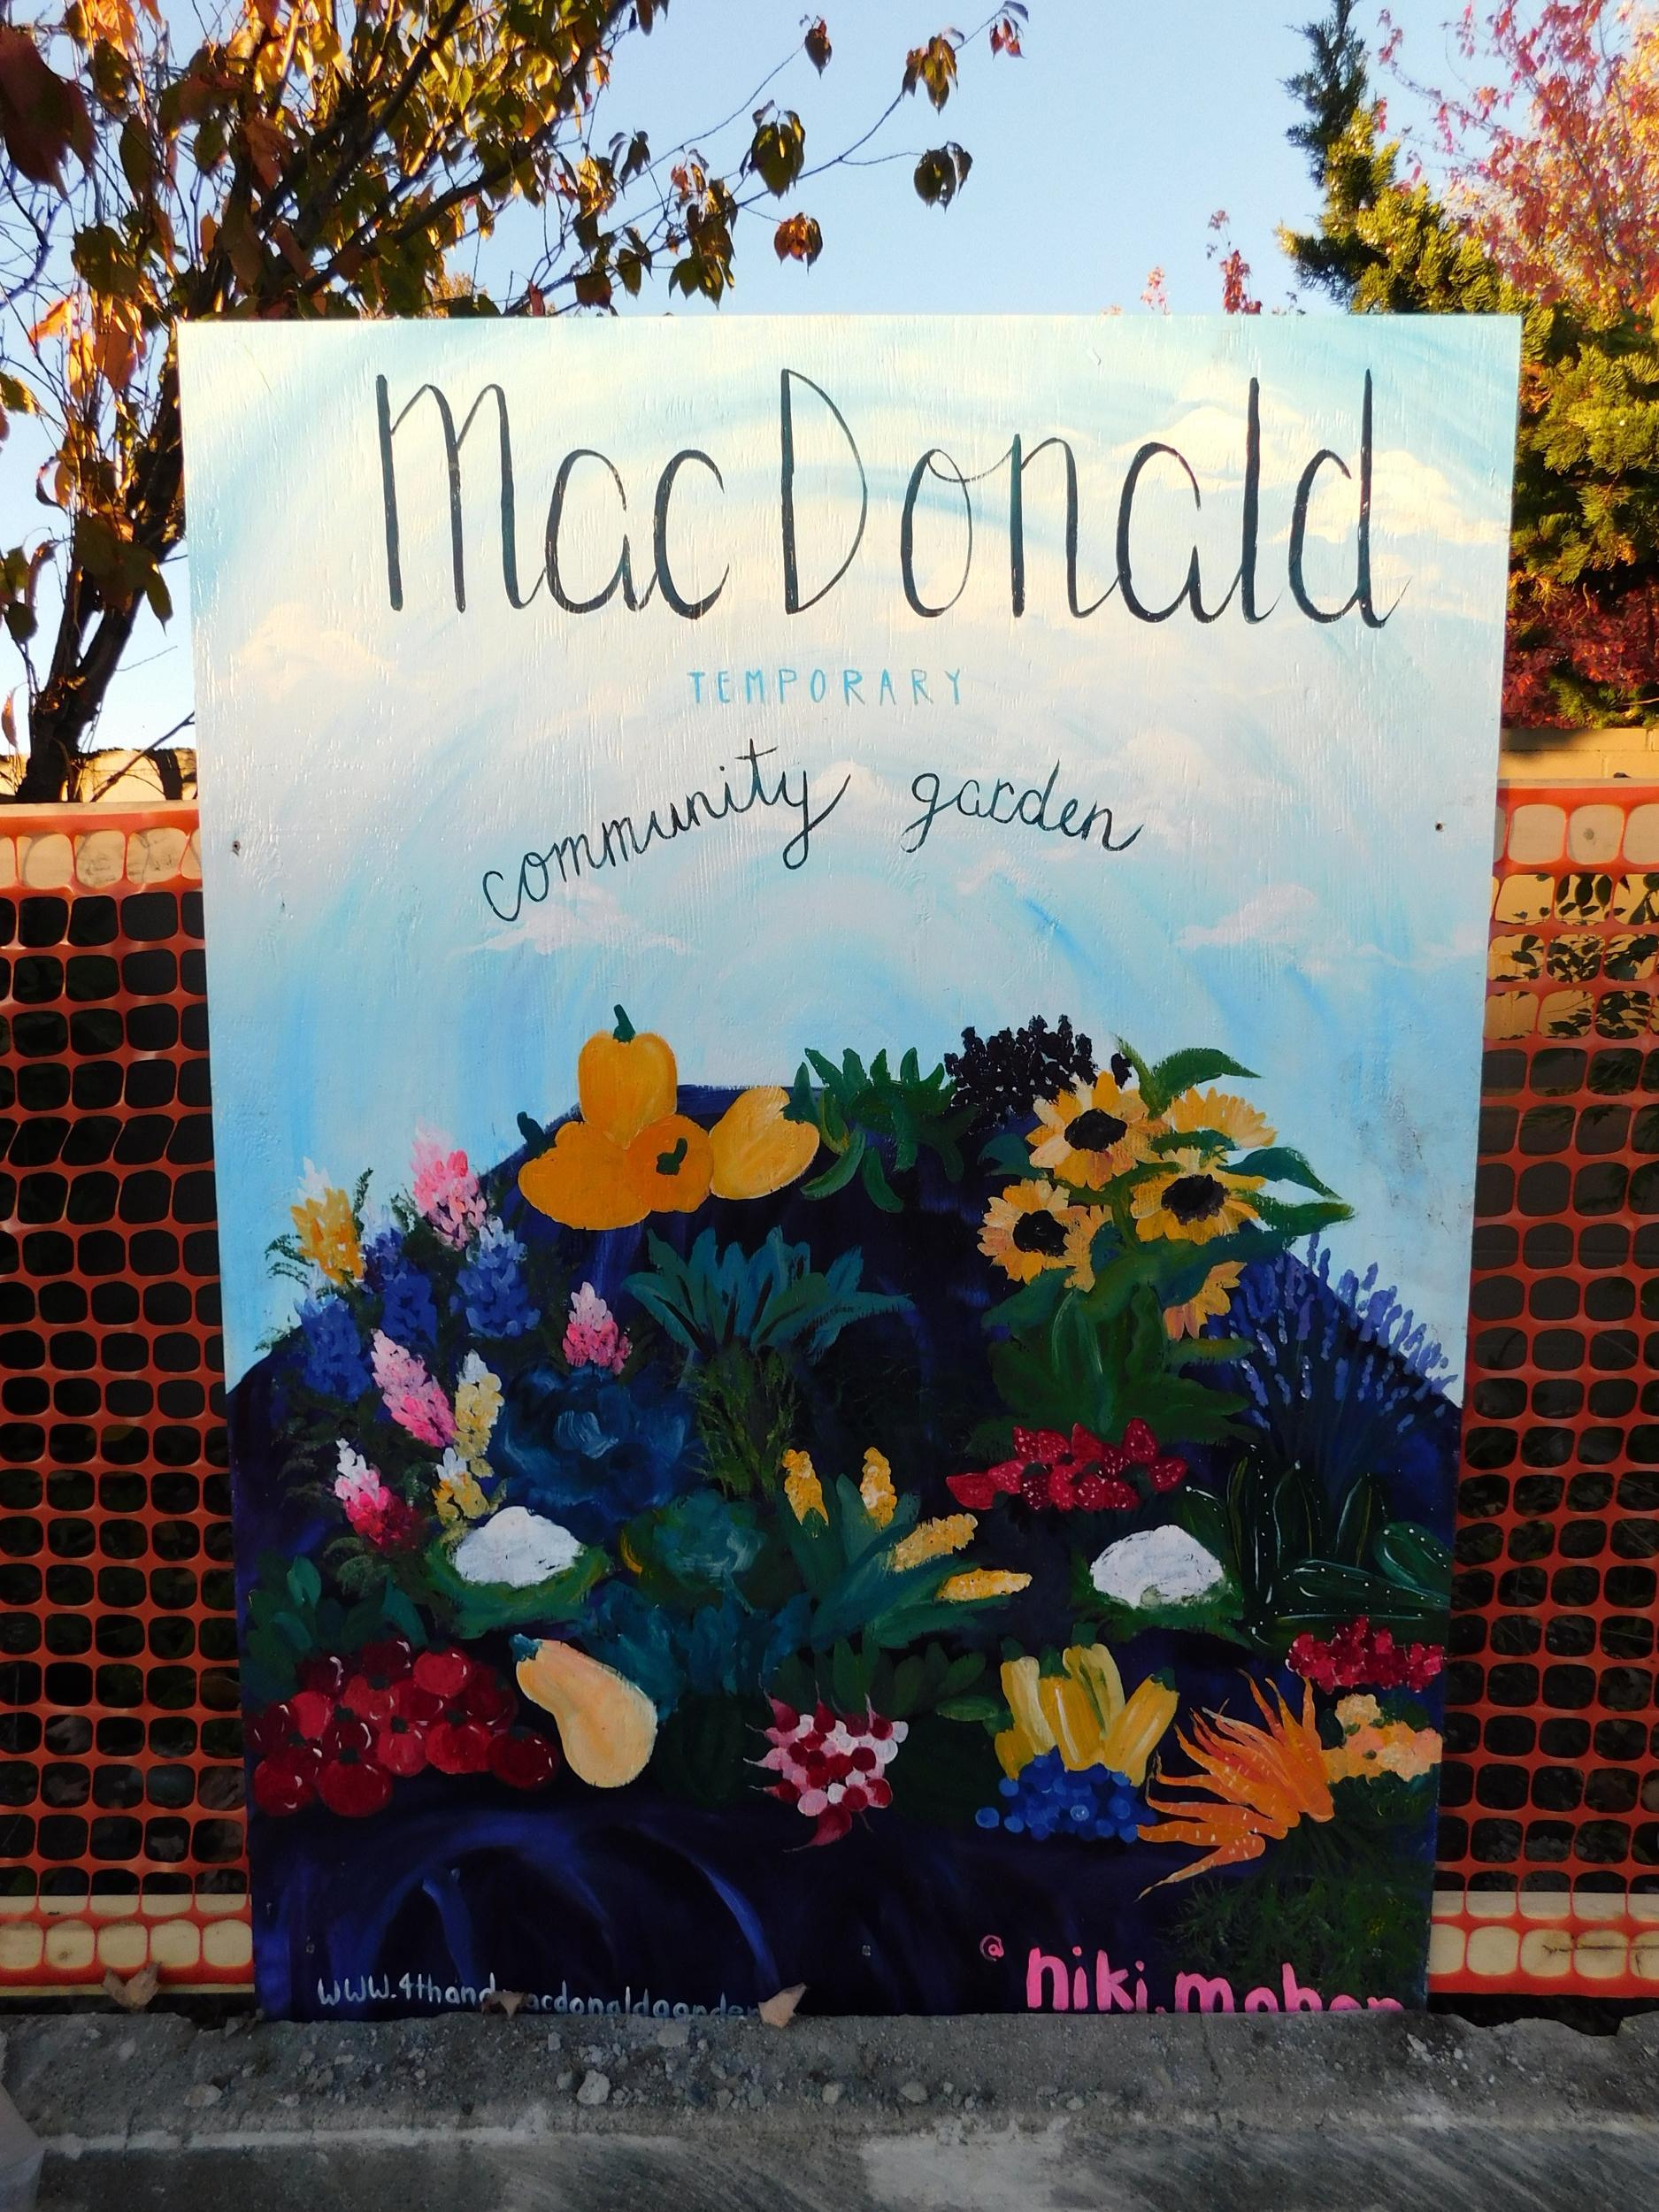 4th_Macdonald_Vancouver_Community_Garden_Builders-0012.JPG